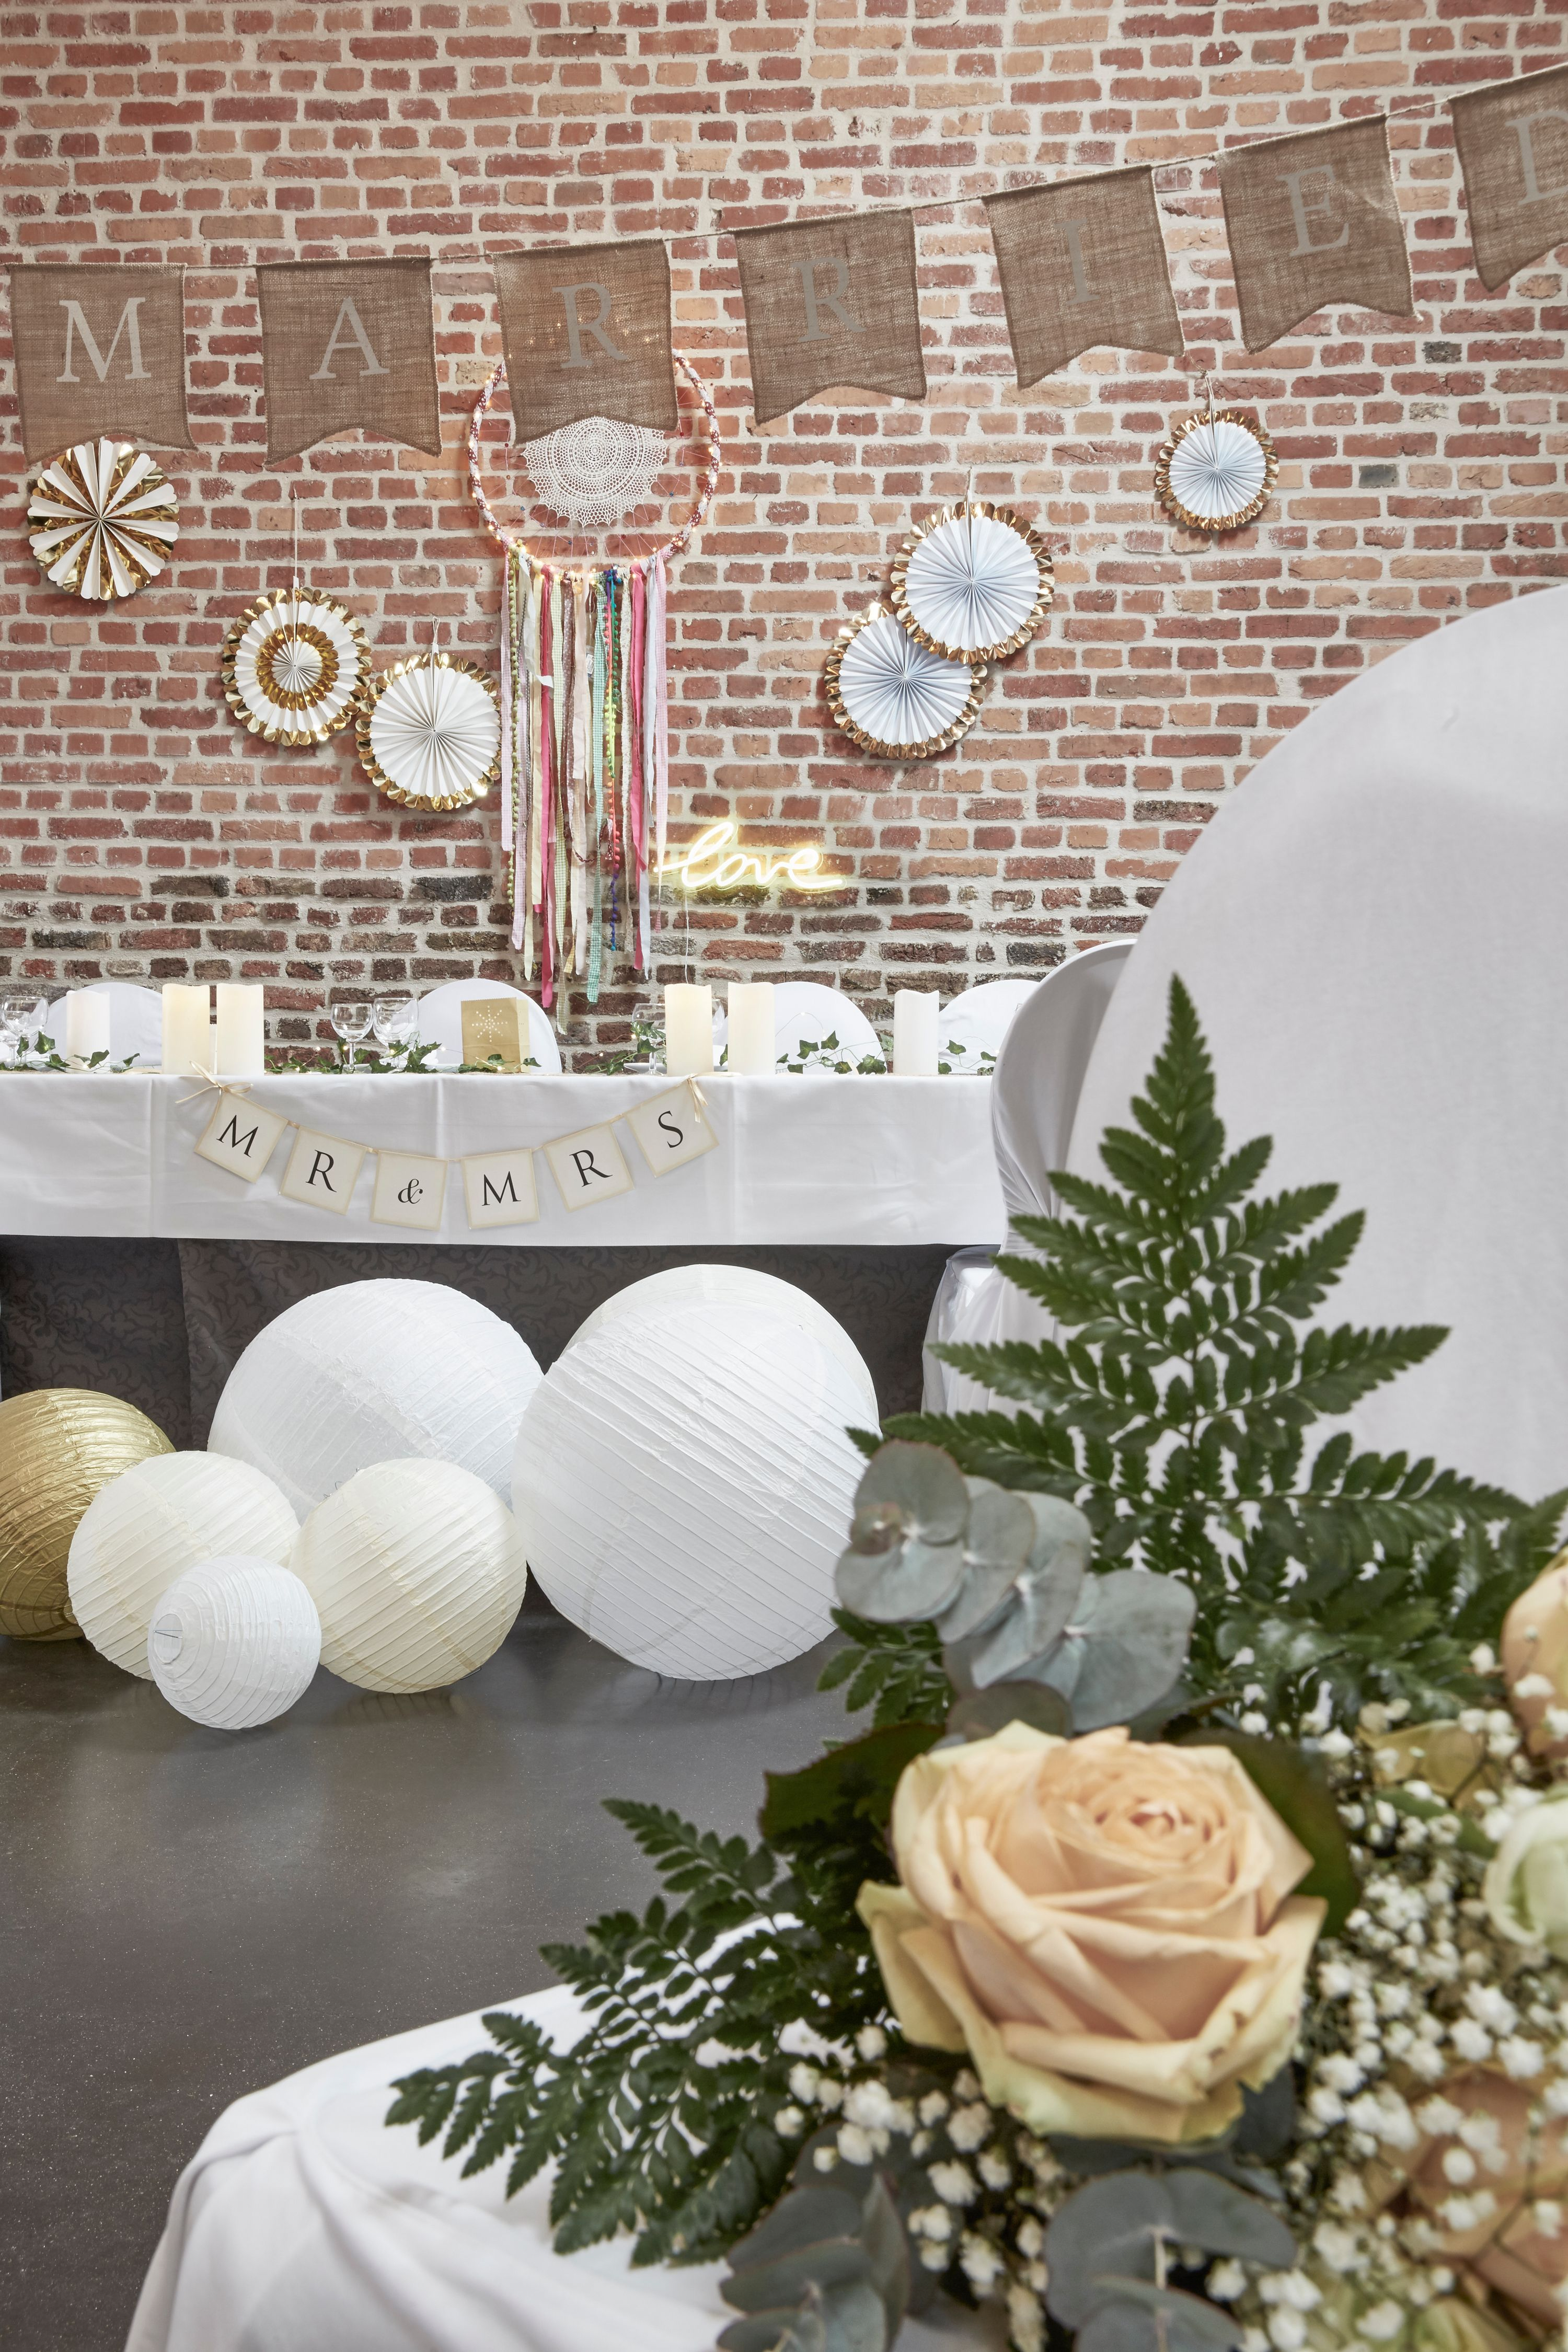 d co mariage champ tre guirlande fanion jute just married rosaces carton papier boules. Black Bedroom Furniture Sets. Home Design Ideas